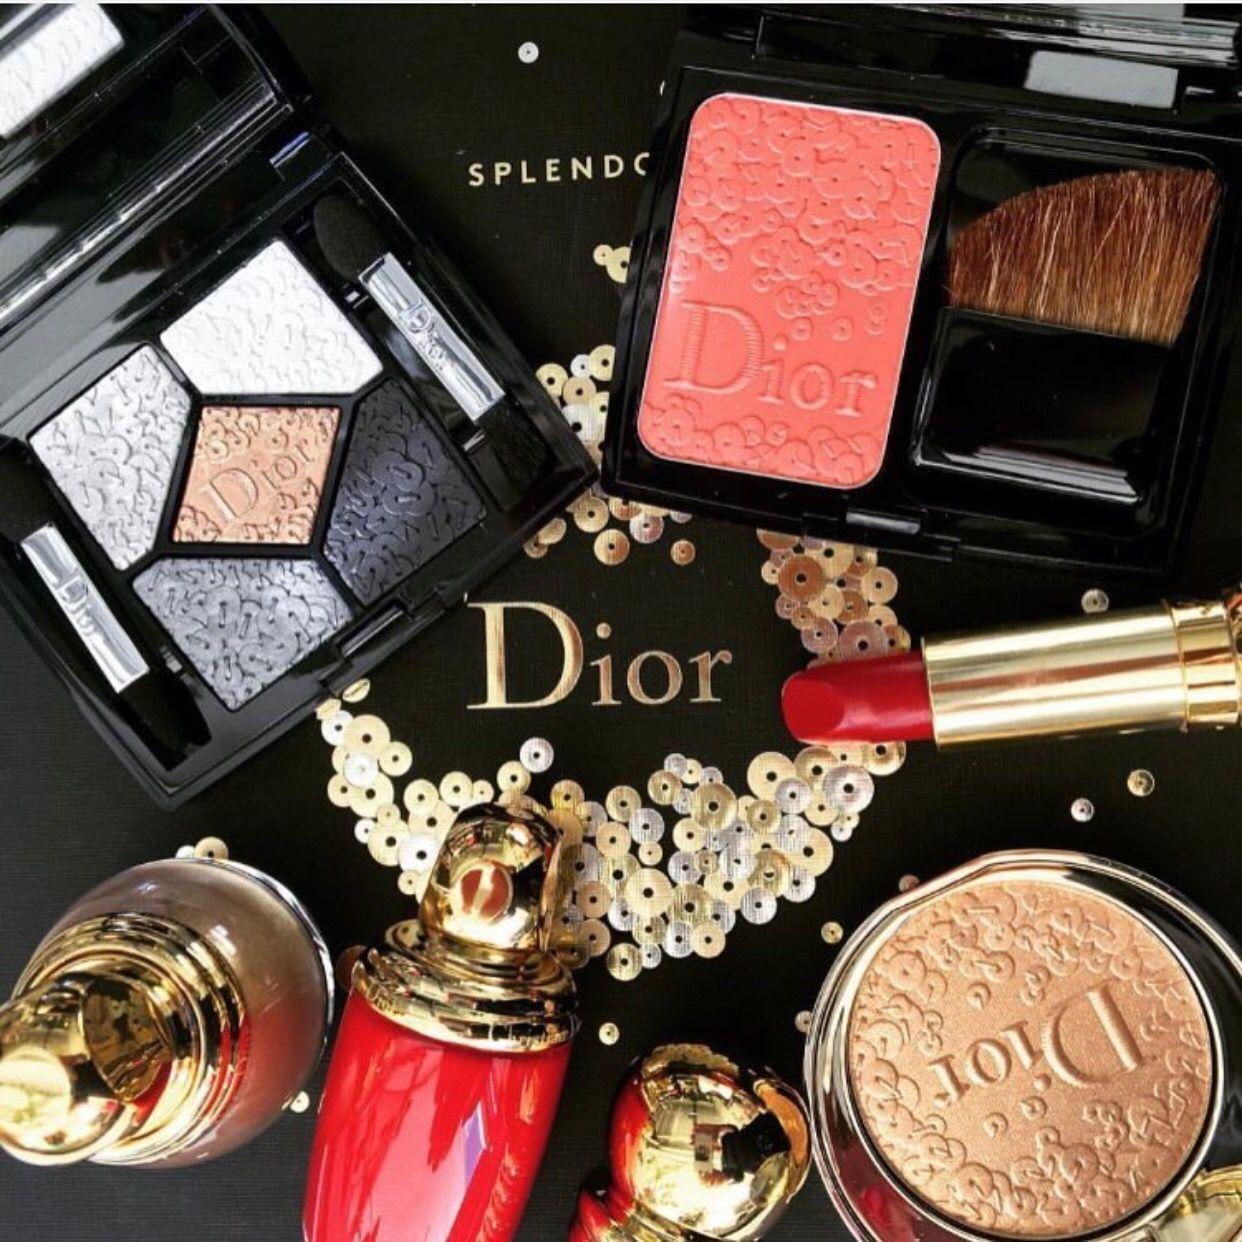 Диор декоративная косметика купить как сделать заказ в эйвон представителю